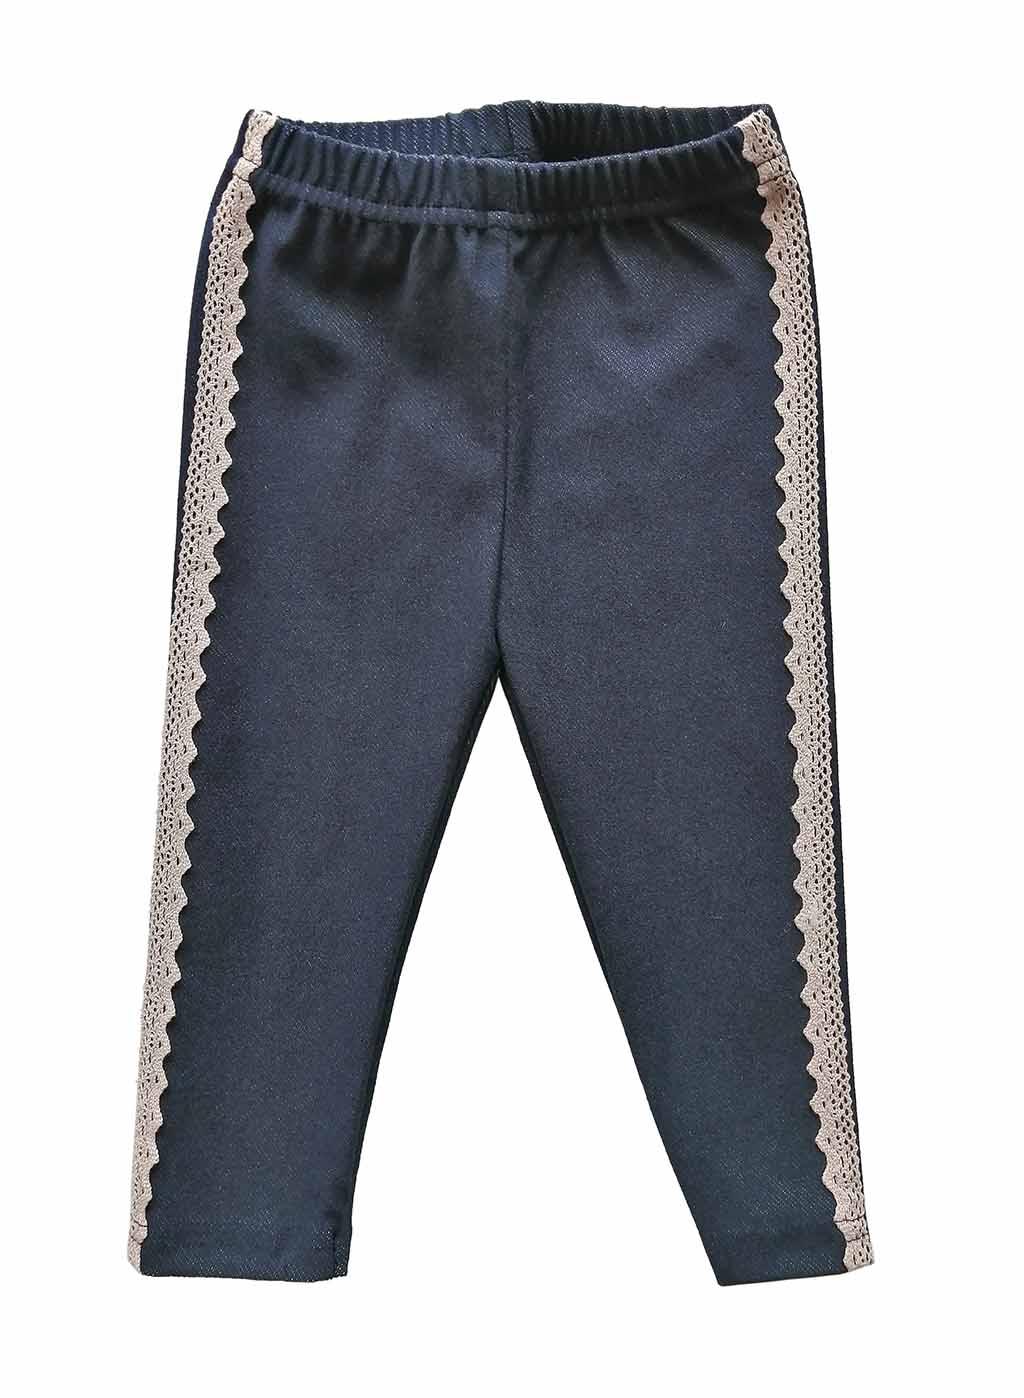 20720 Лосины-джегинсы с тесьмой (68-116 джинс)